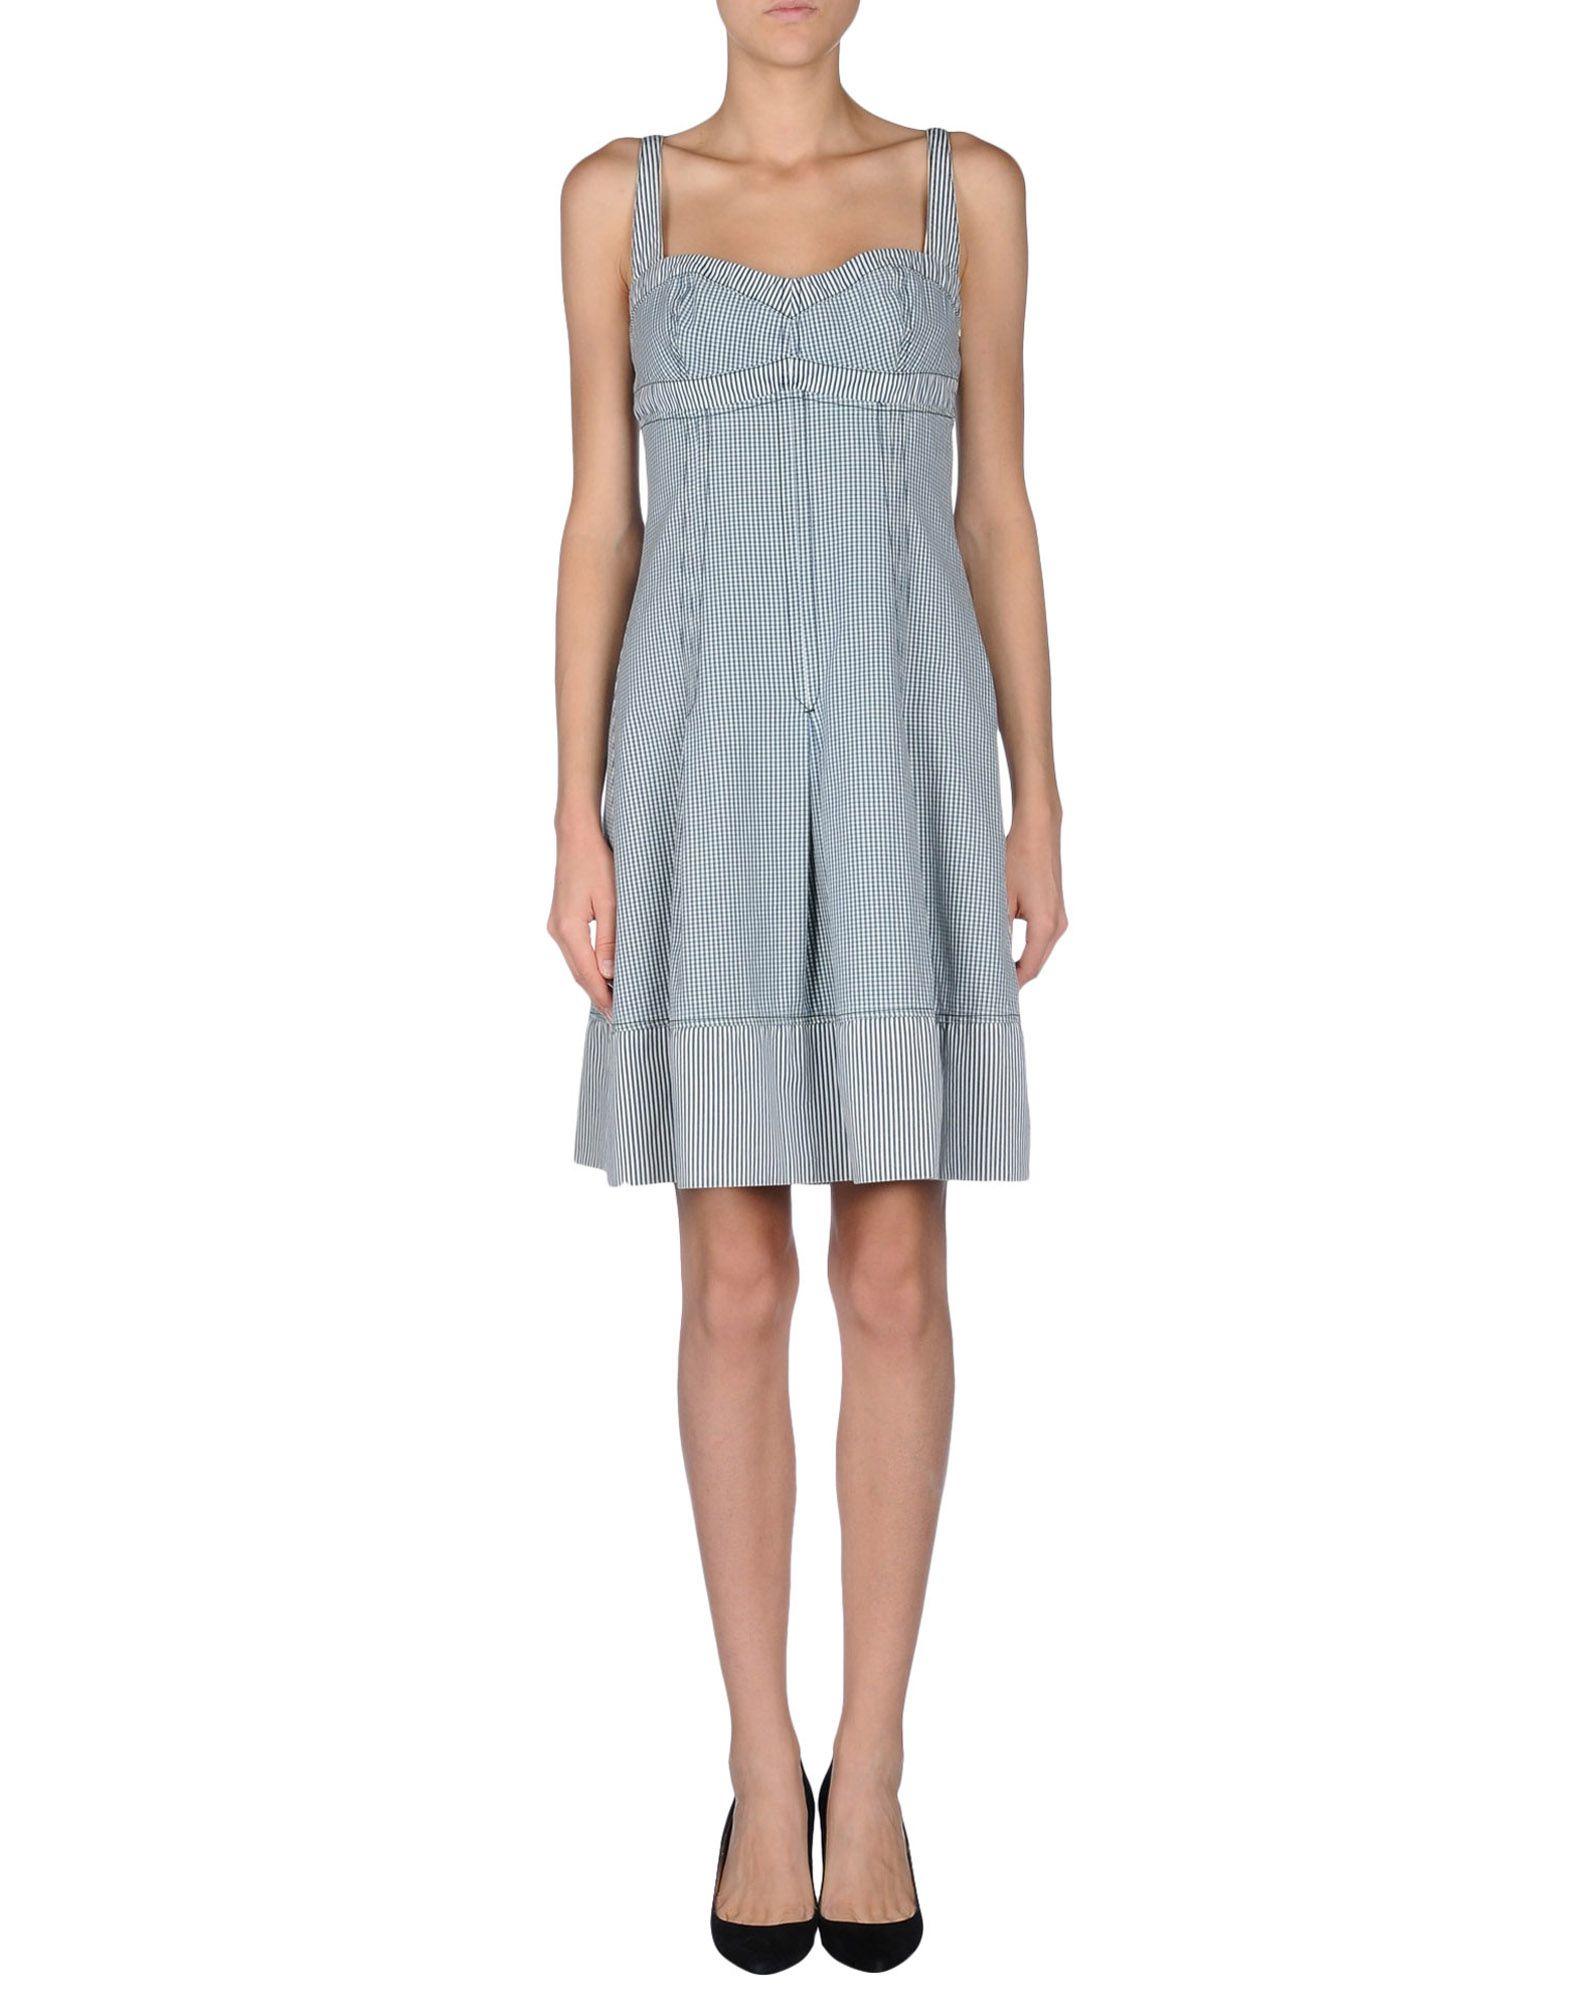 Lyst - Sportmax Code Short Dress in Blue